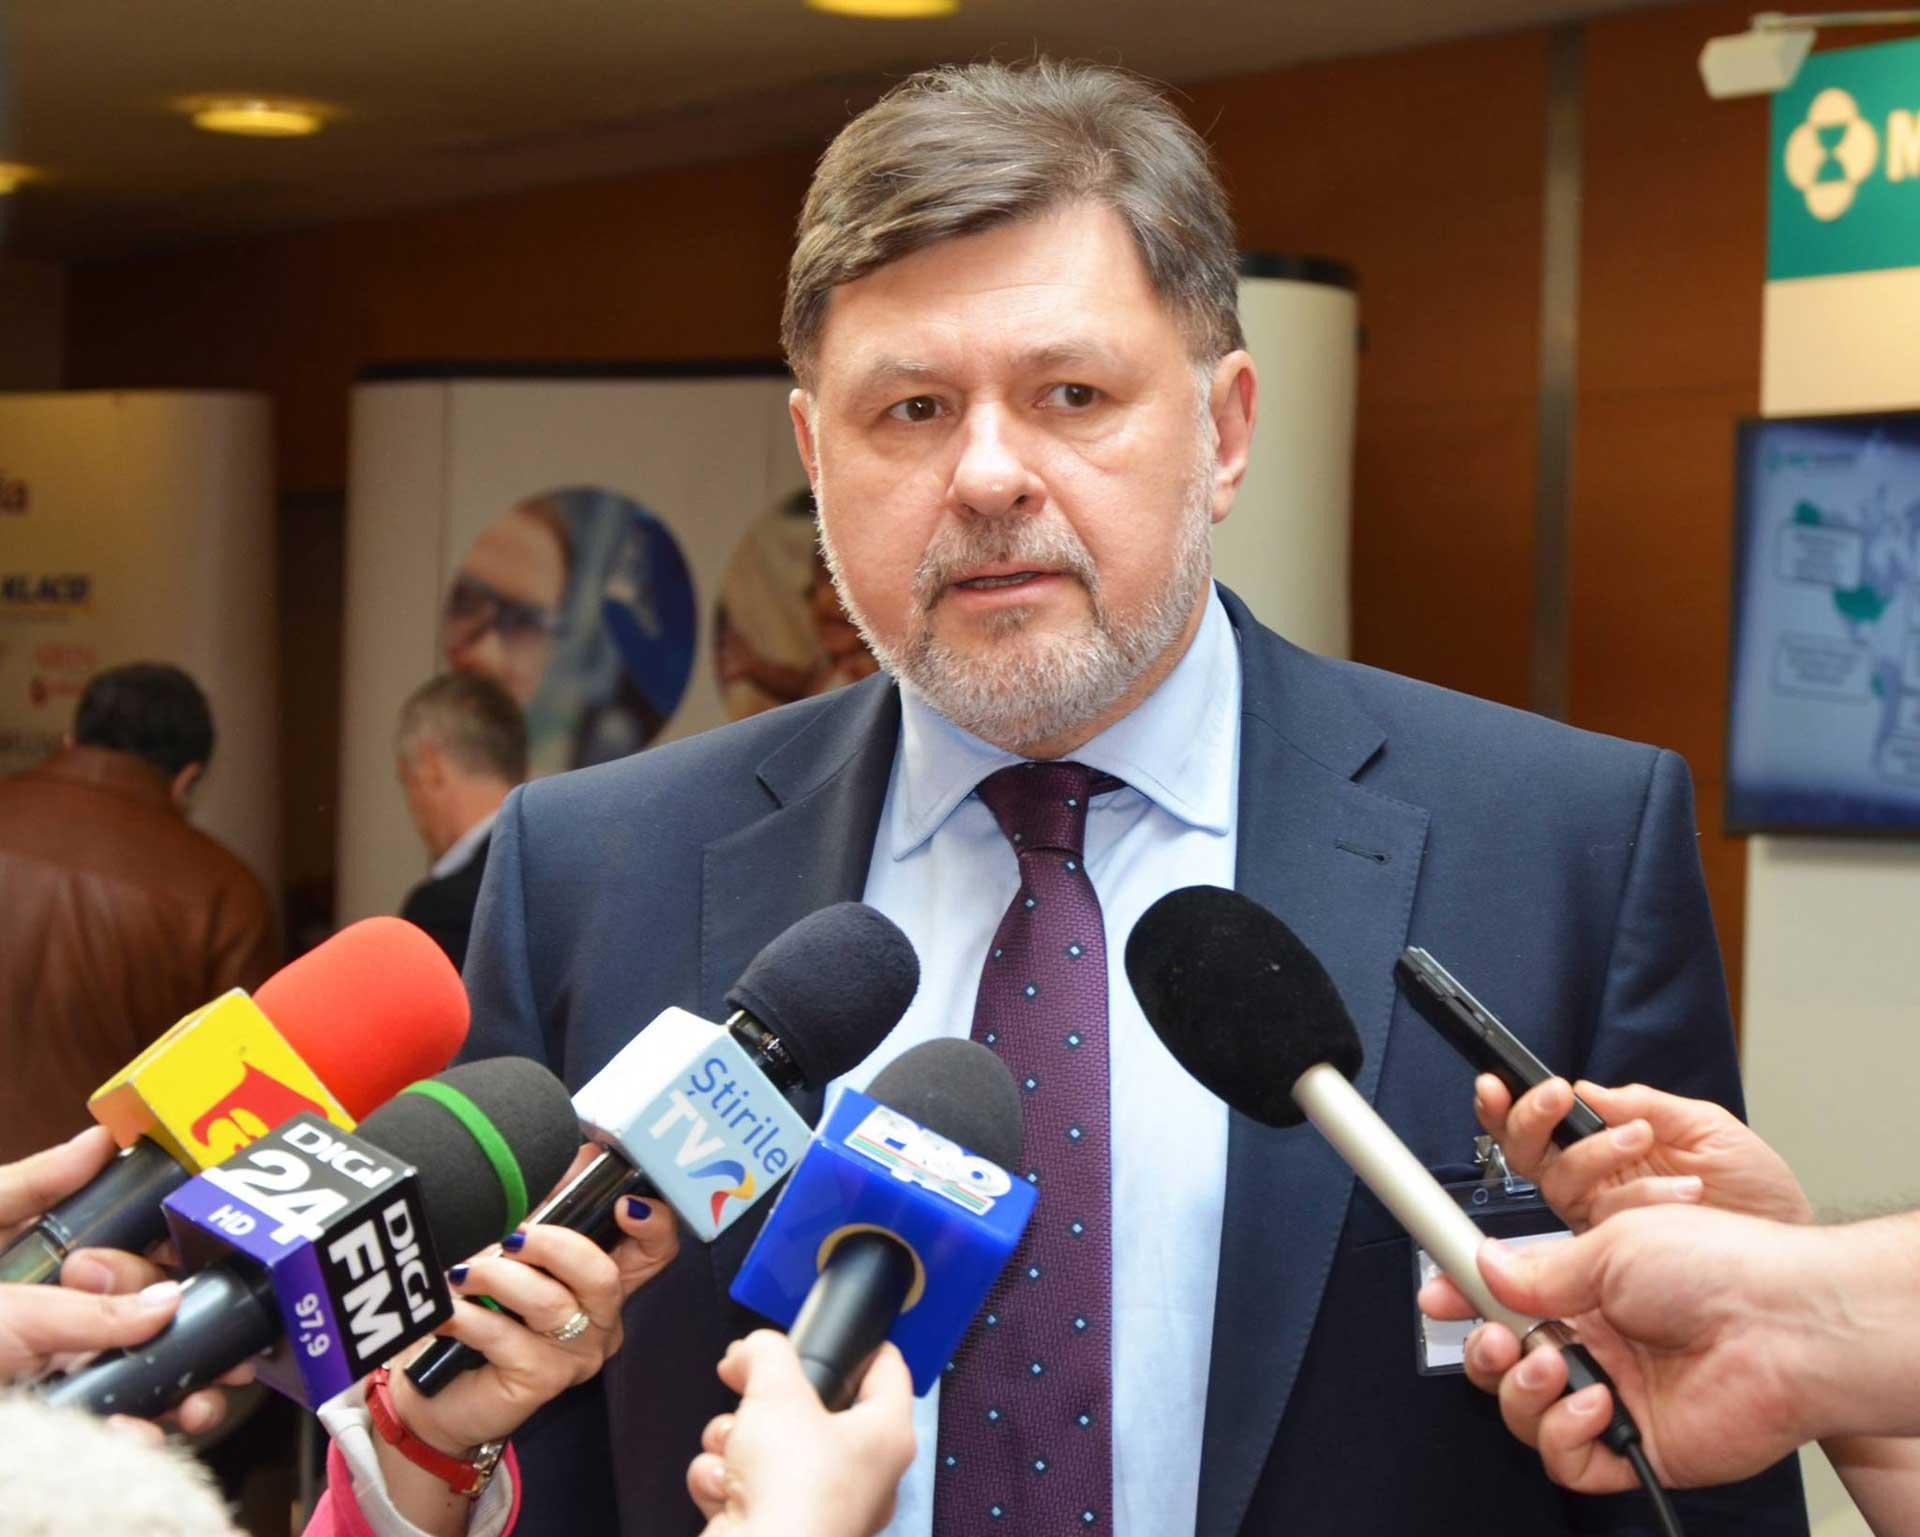 Alexandru Rafila susține demersurile ministrului Educației, Sorin Câmpeanu, pentru redeschiderea școlilor